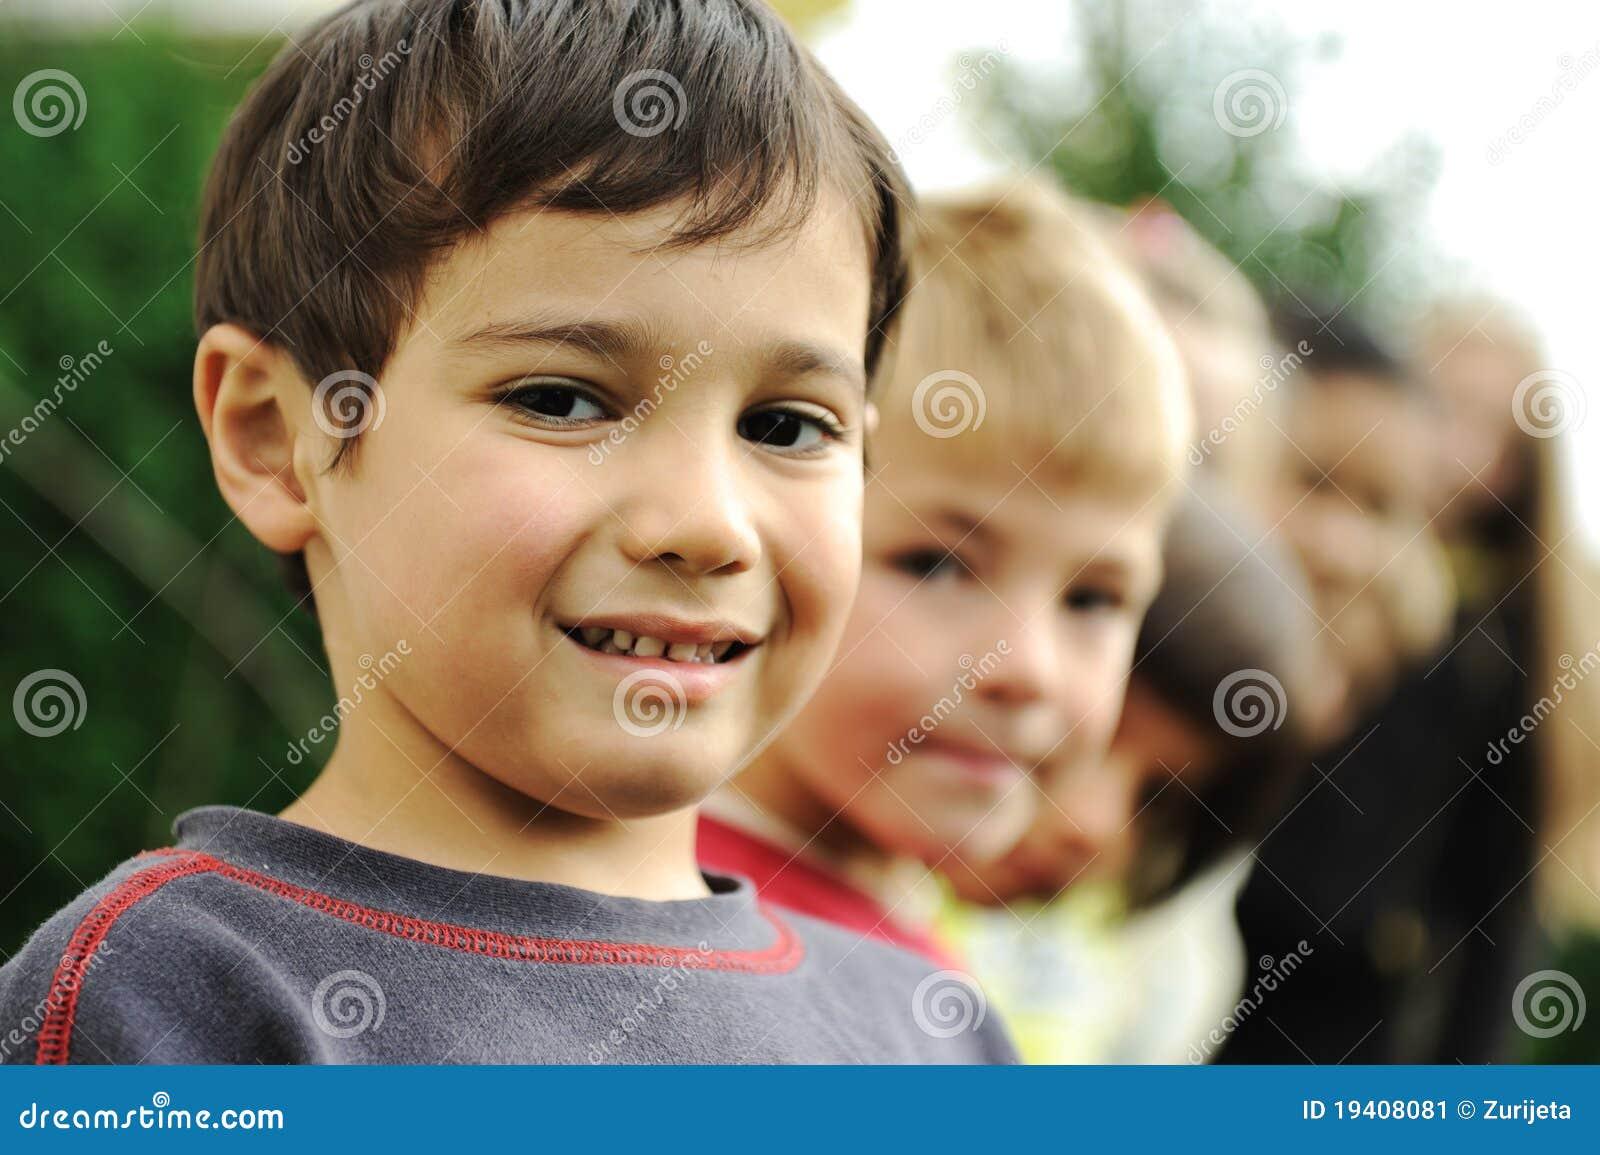 Portrait der Gruppe, Kinder im Freien